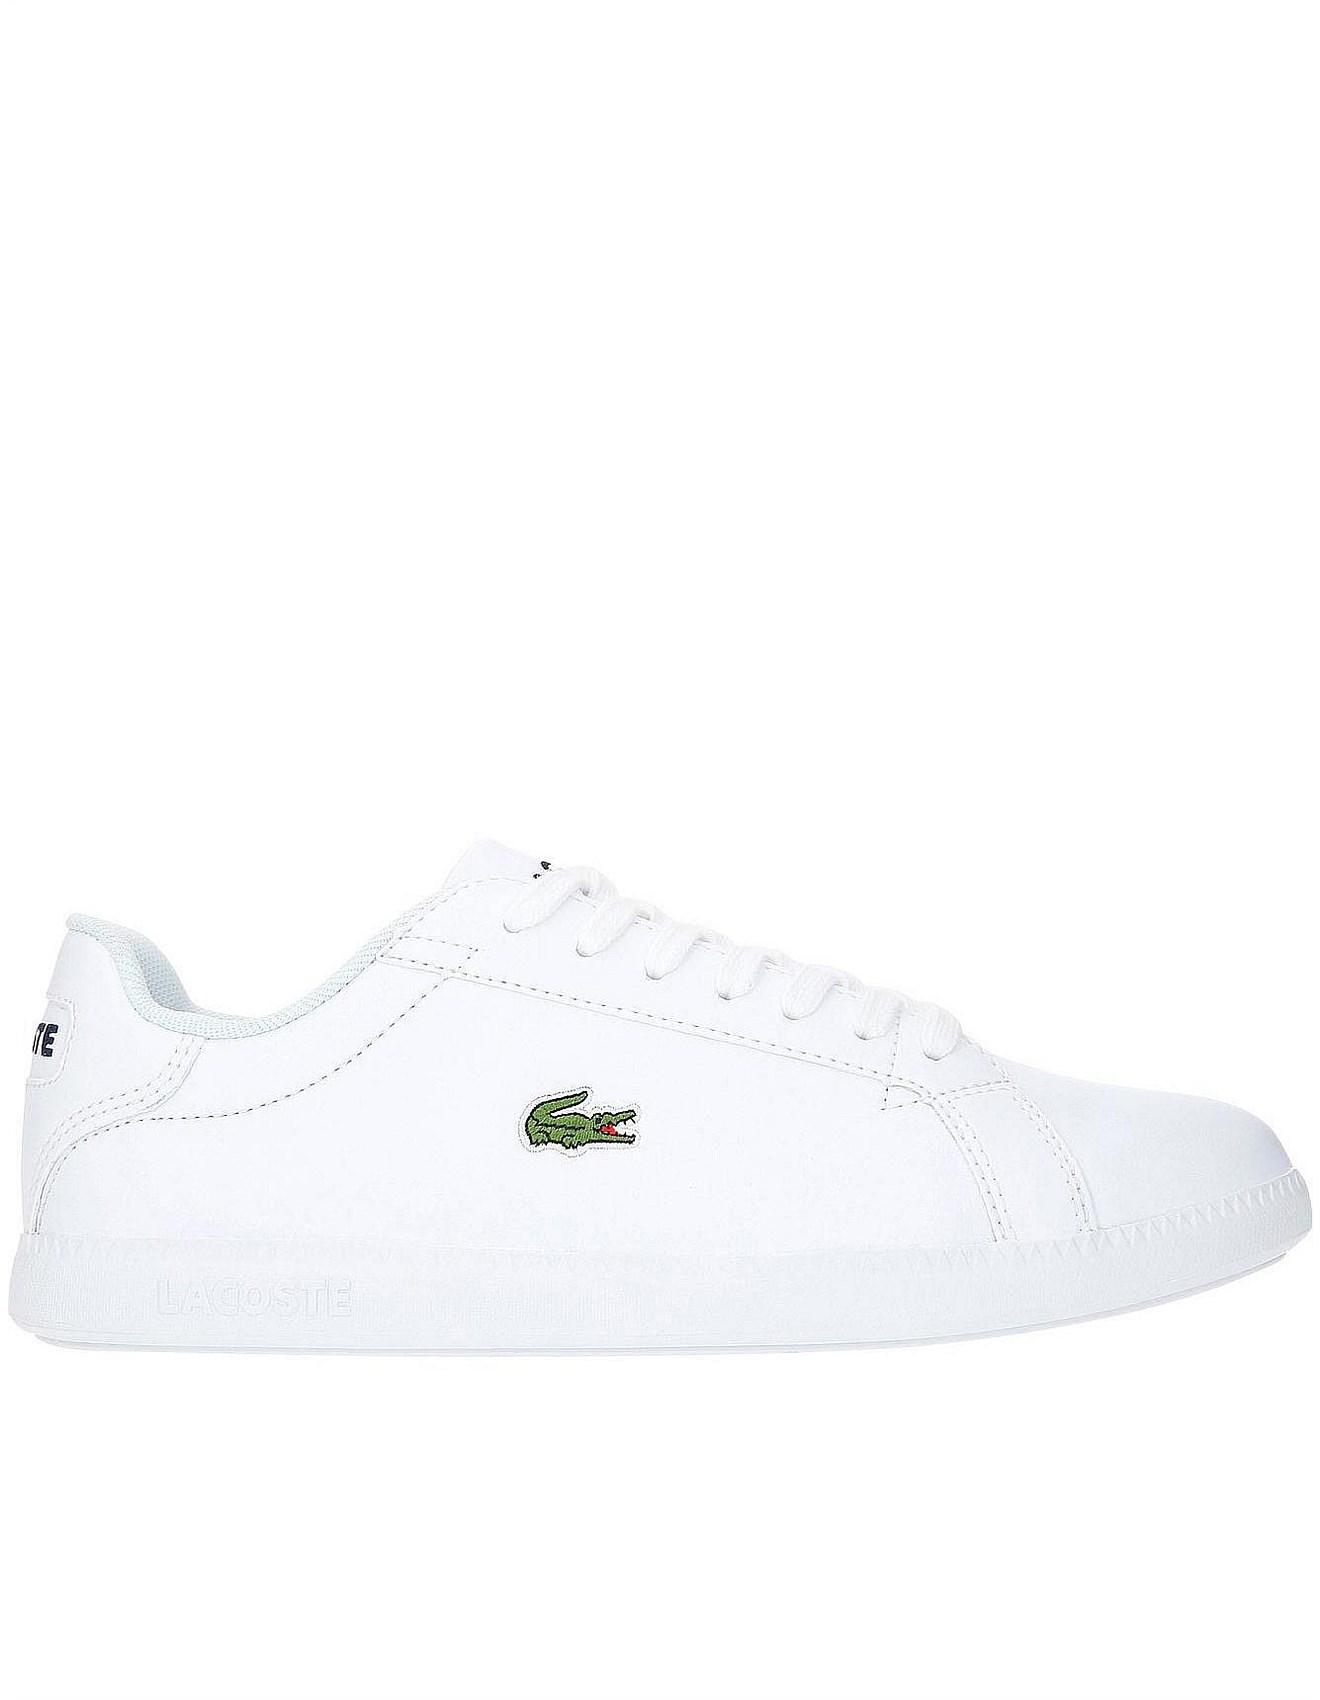 david jones lacoste women's sneakers